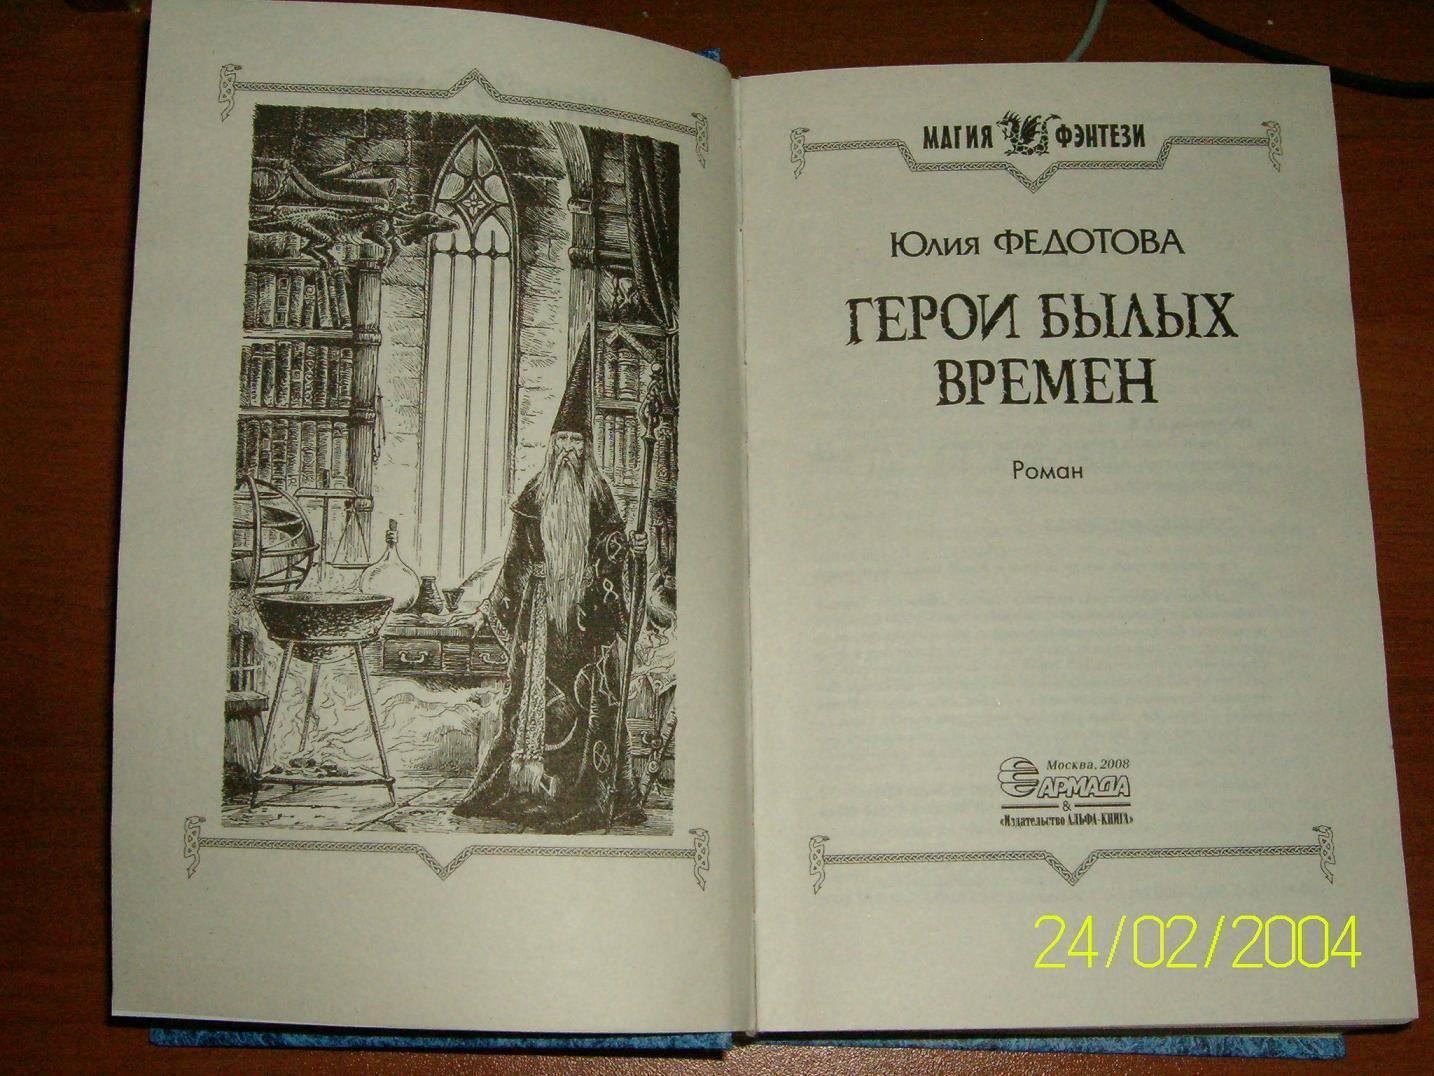 Иллюстрация 1 из 2 для Герои былых времён - Юлия Федотова | Лабиринт - книги. Источник: Катарина